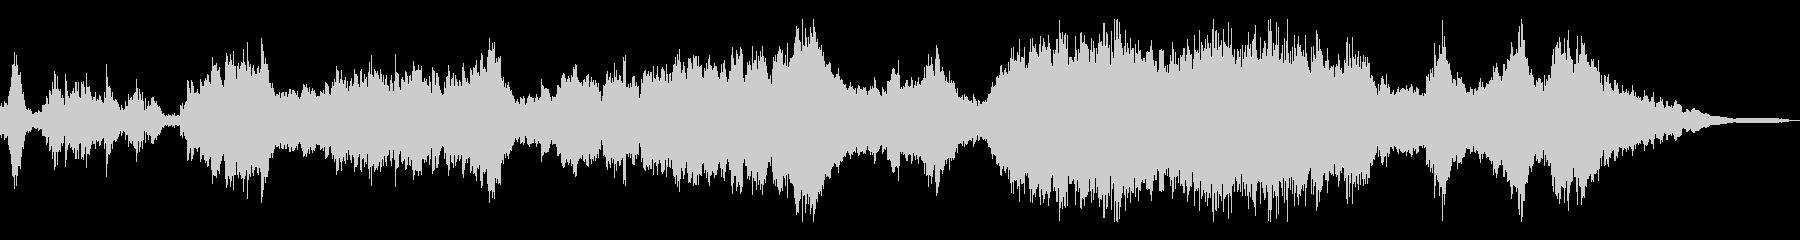 迫り来る狂気/荒々しい和風曲16-ピアノの未再生の波形